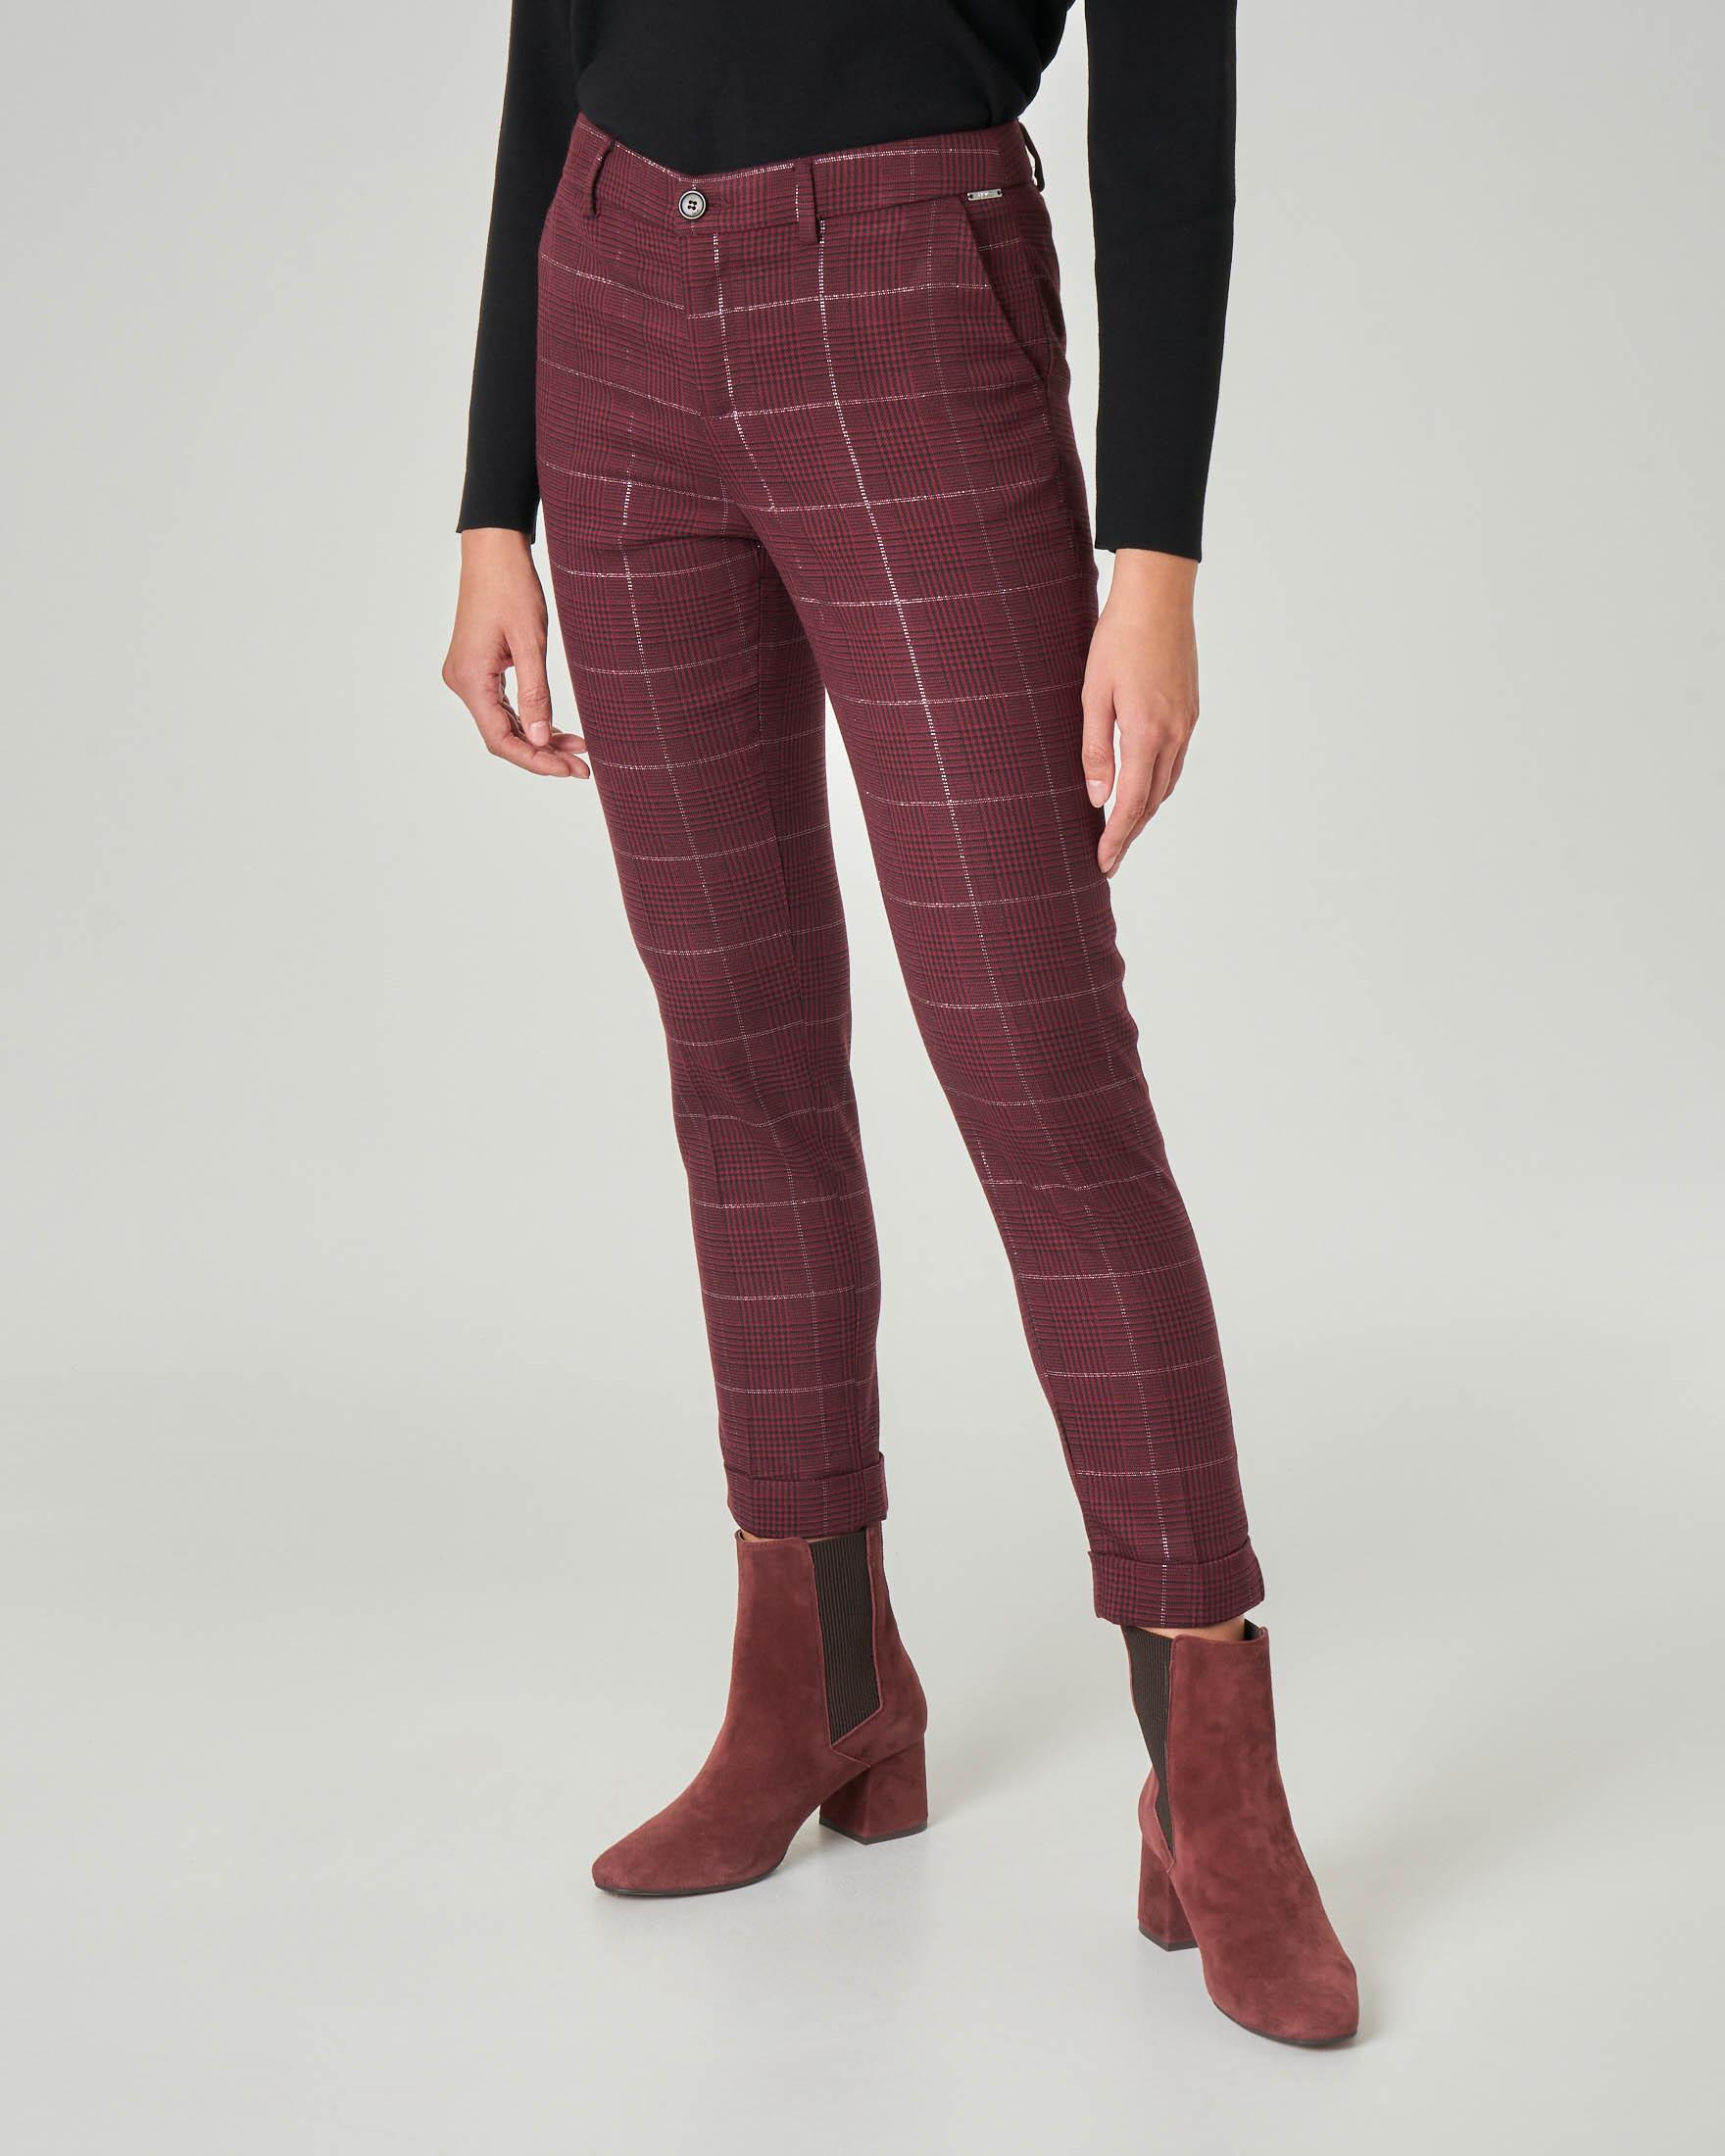 Pantalone slim in tessuto check bordeaux con inserti in lurex e risvolti